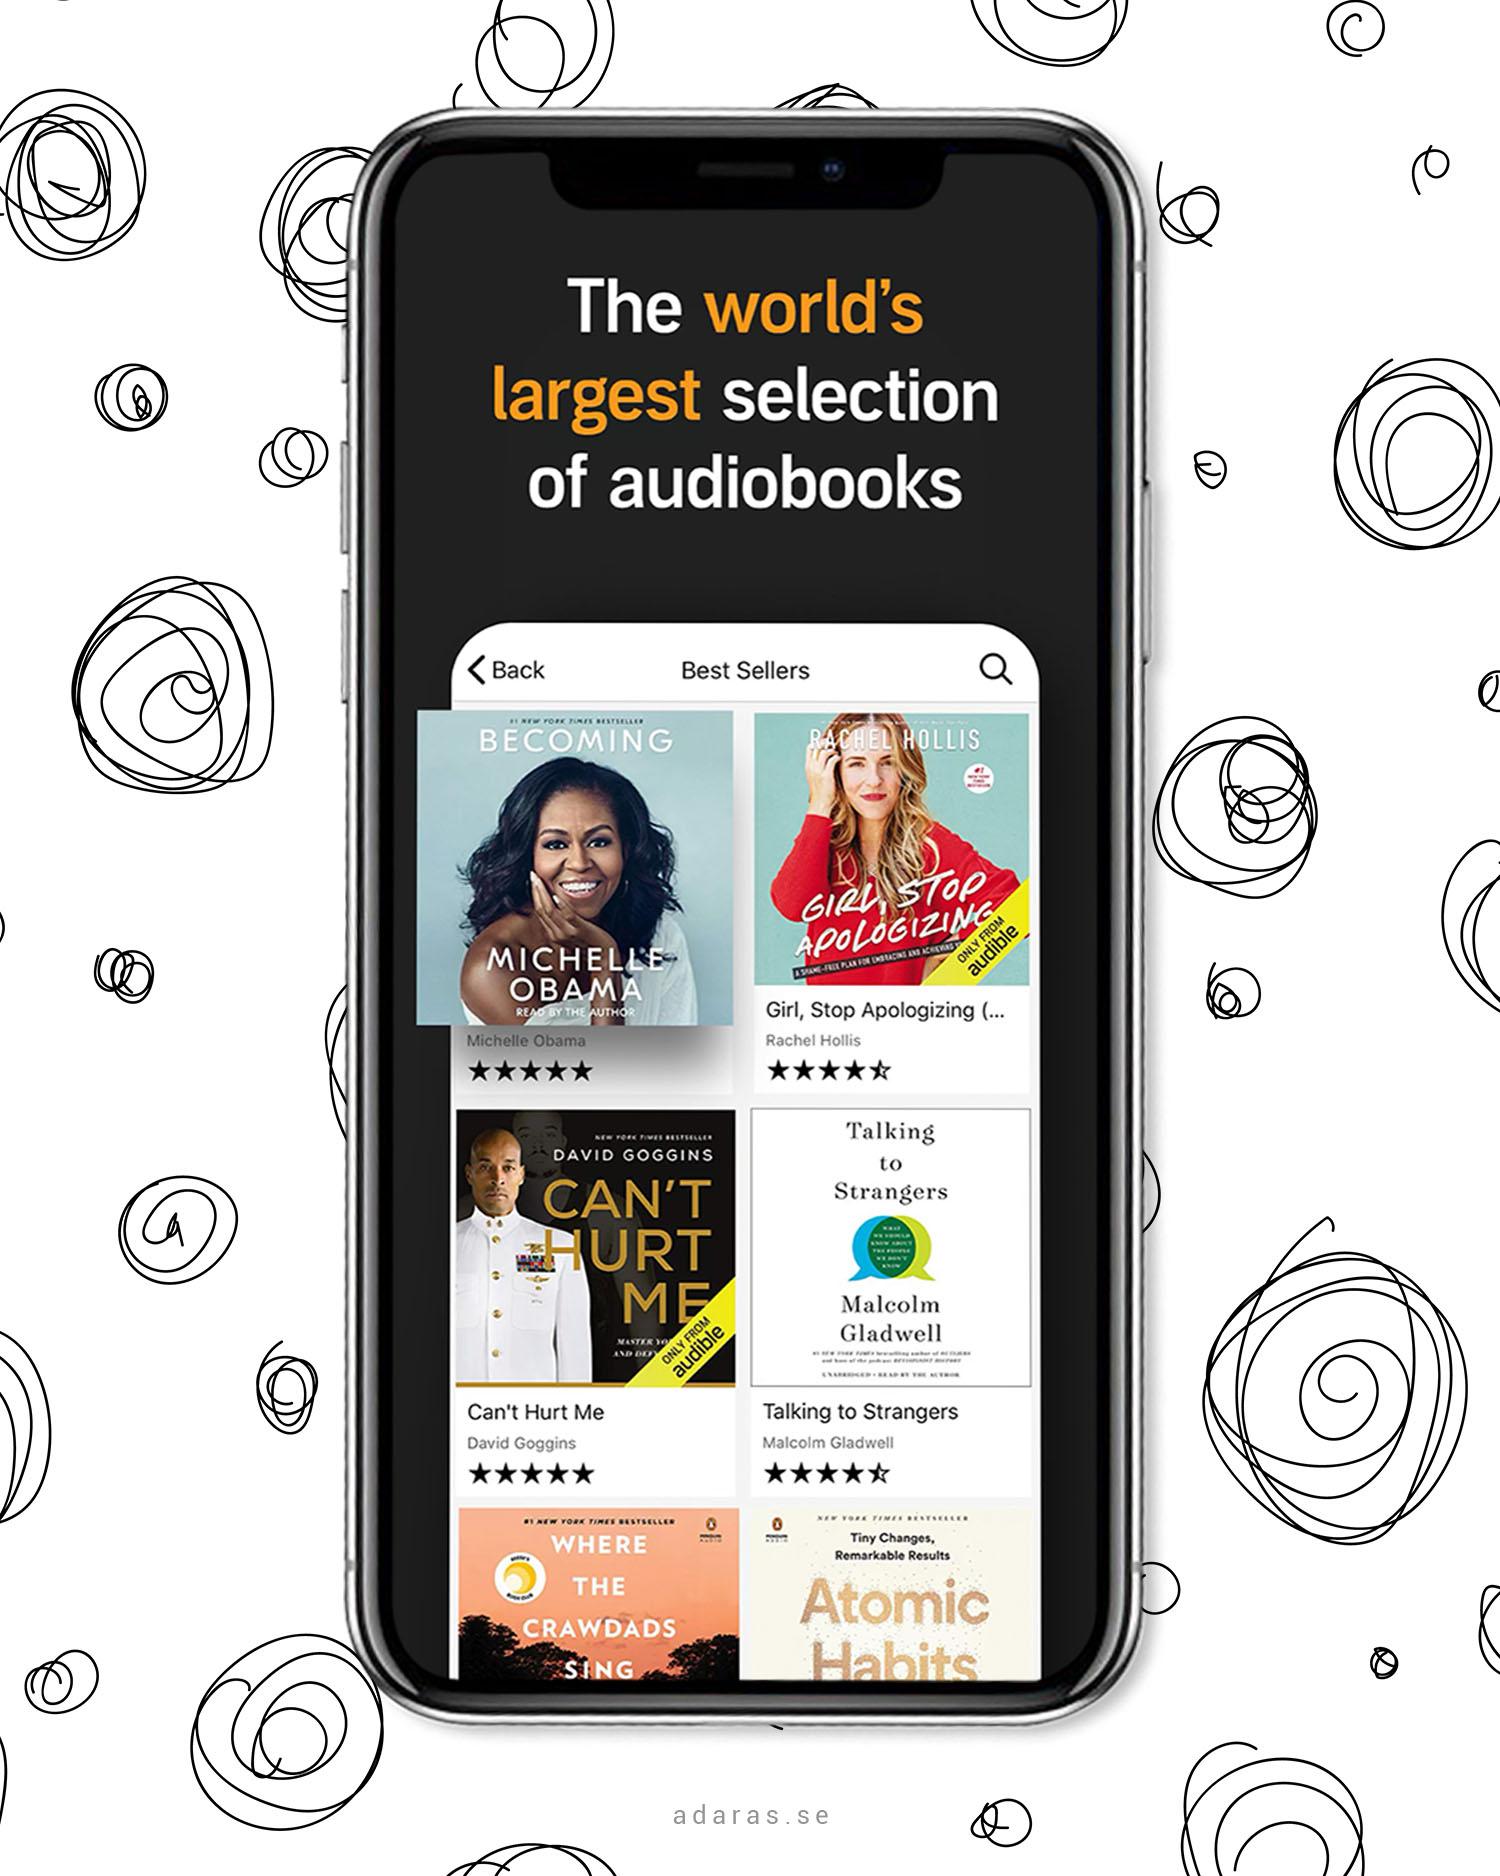 Audible - Få tillgång till världens största ljudboksbibliotek